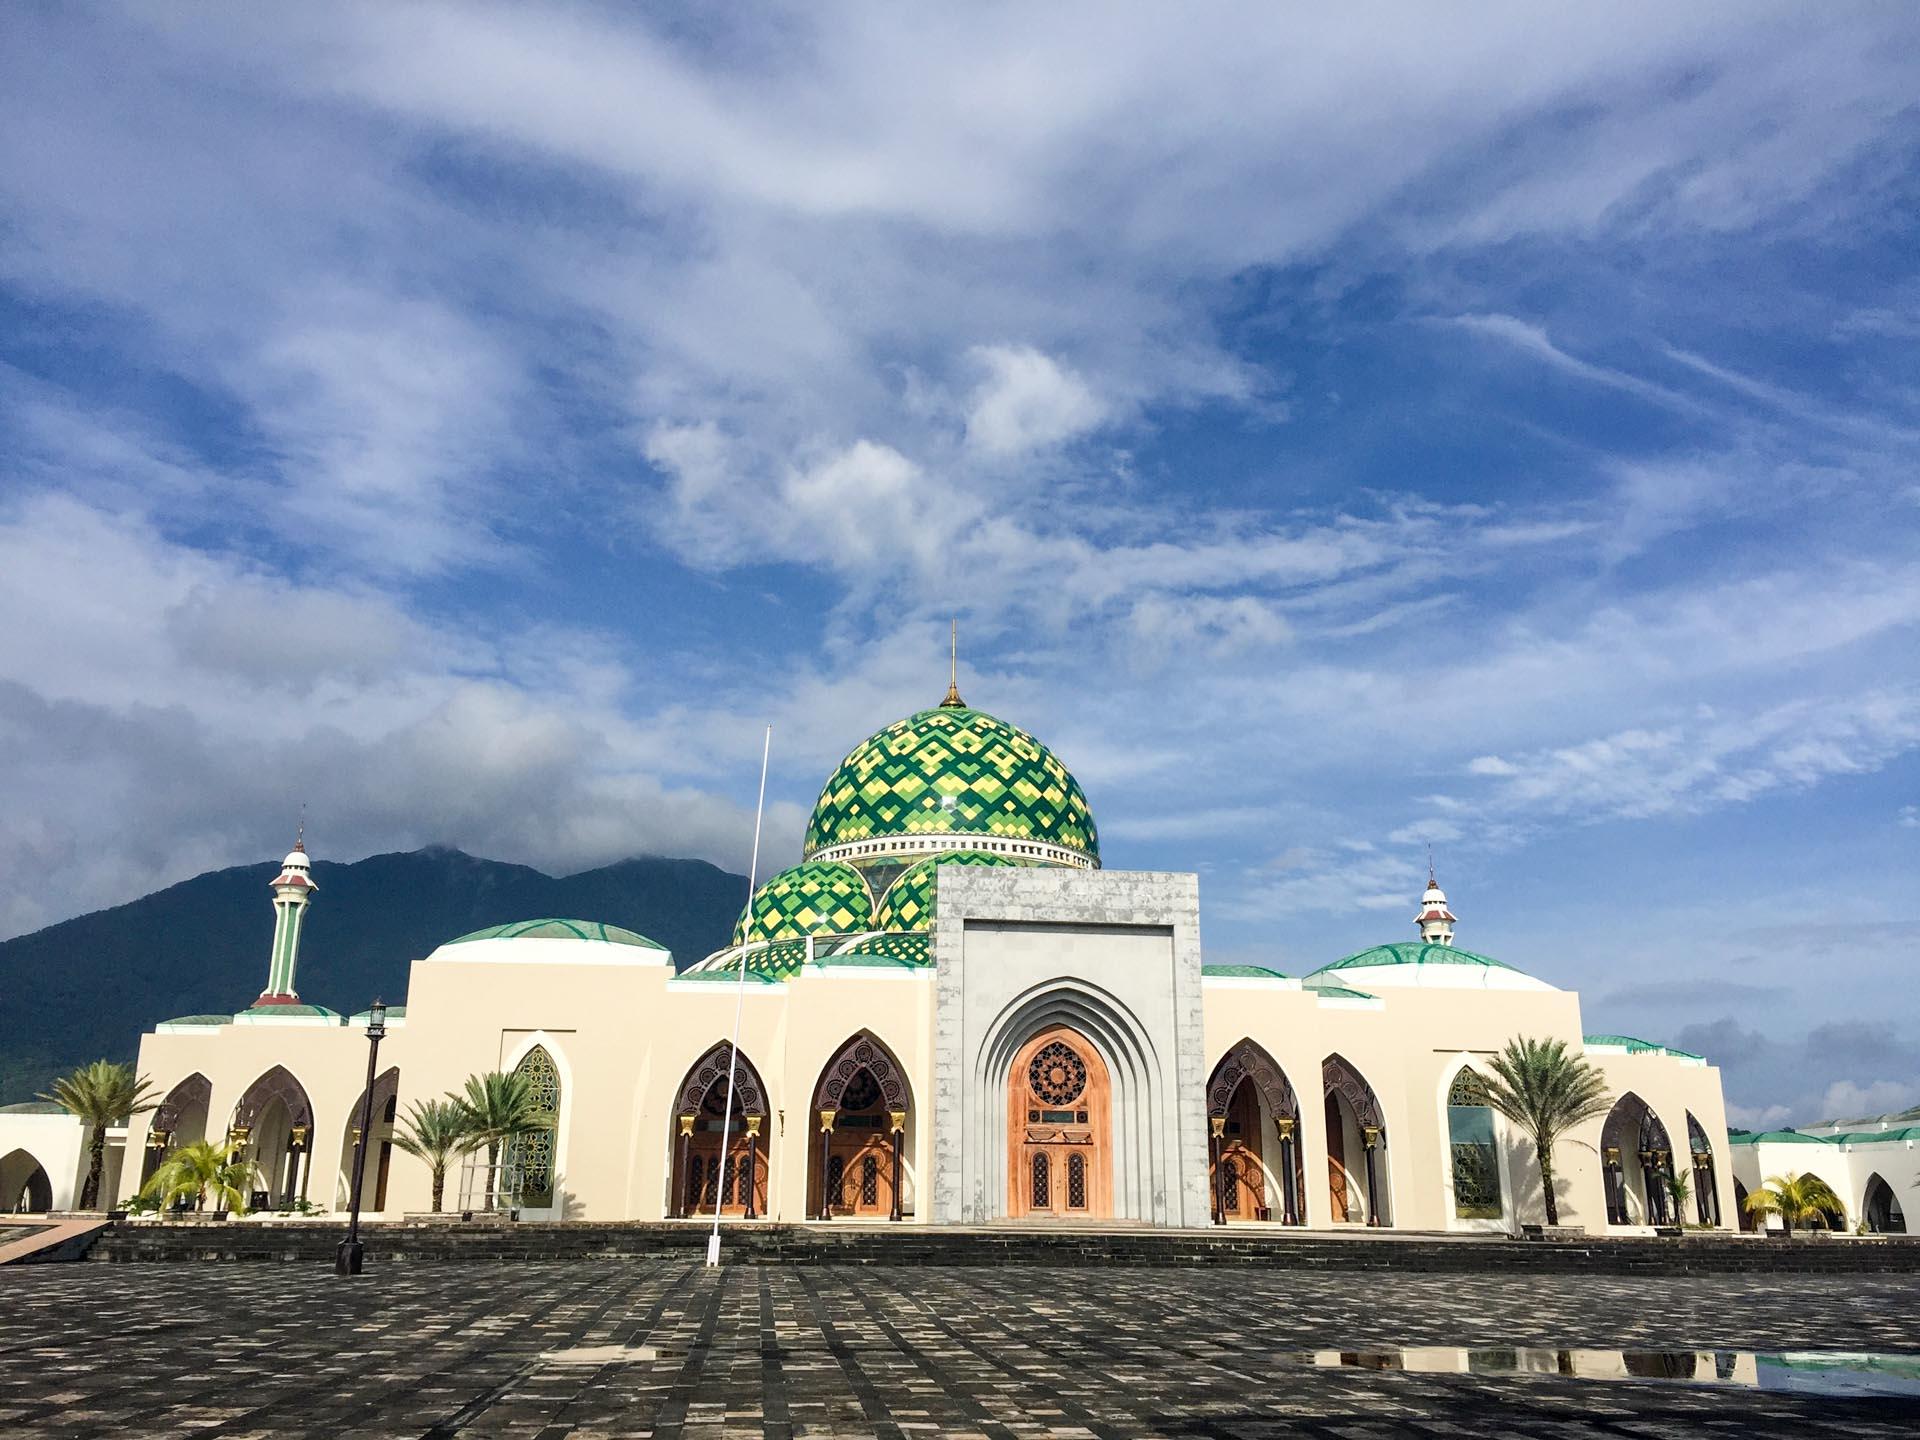 (リアウ諸島)ナトゥナ島の大モスク